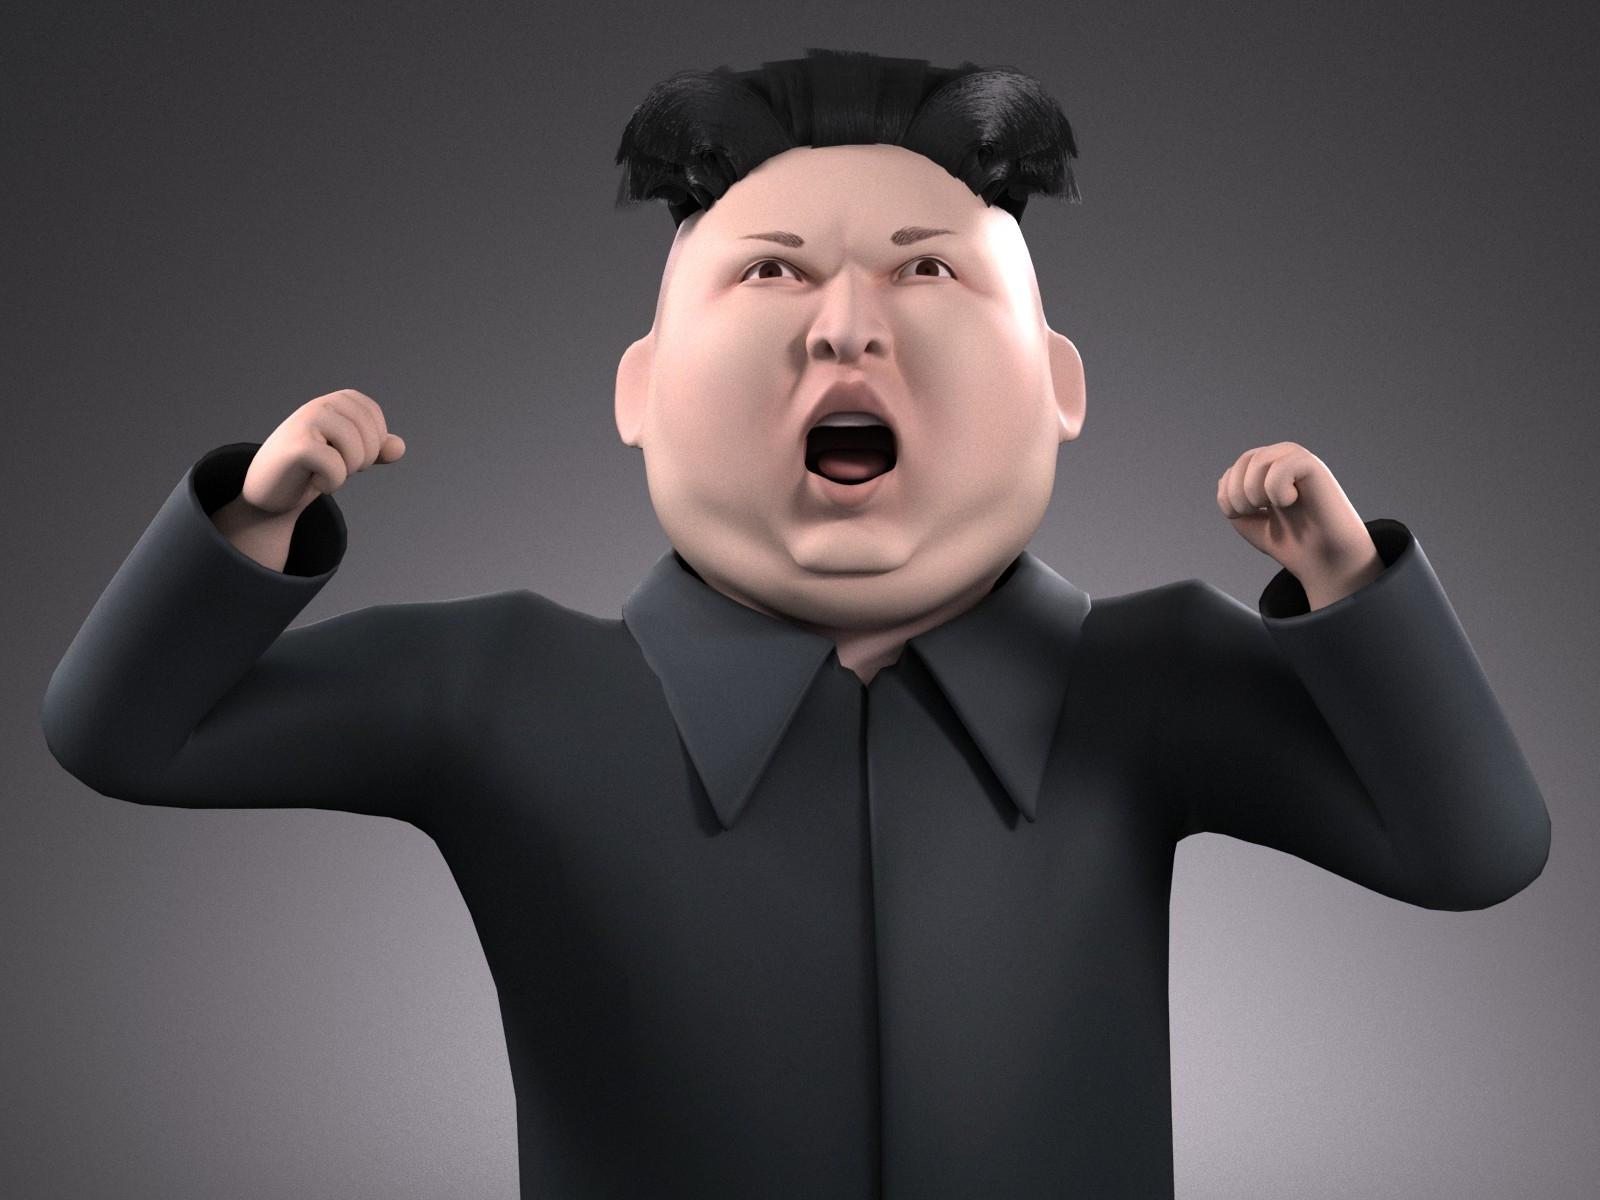 Kim Dzong Un Cartoon rigged for 3dsMax